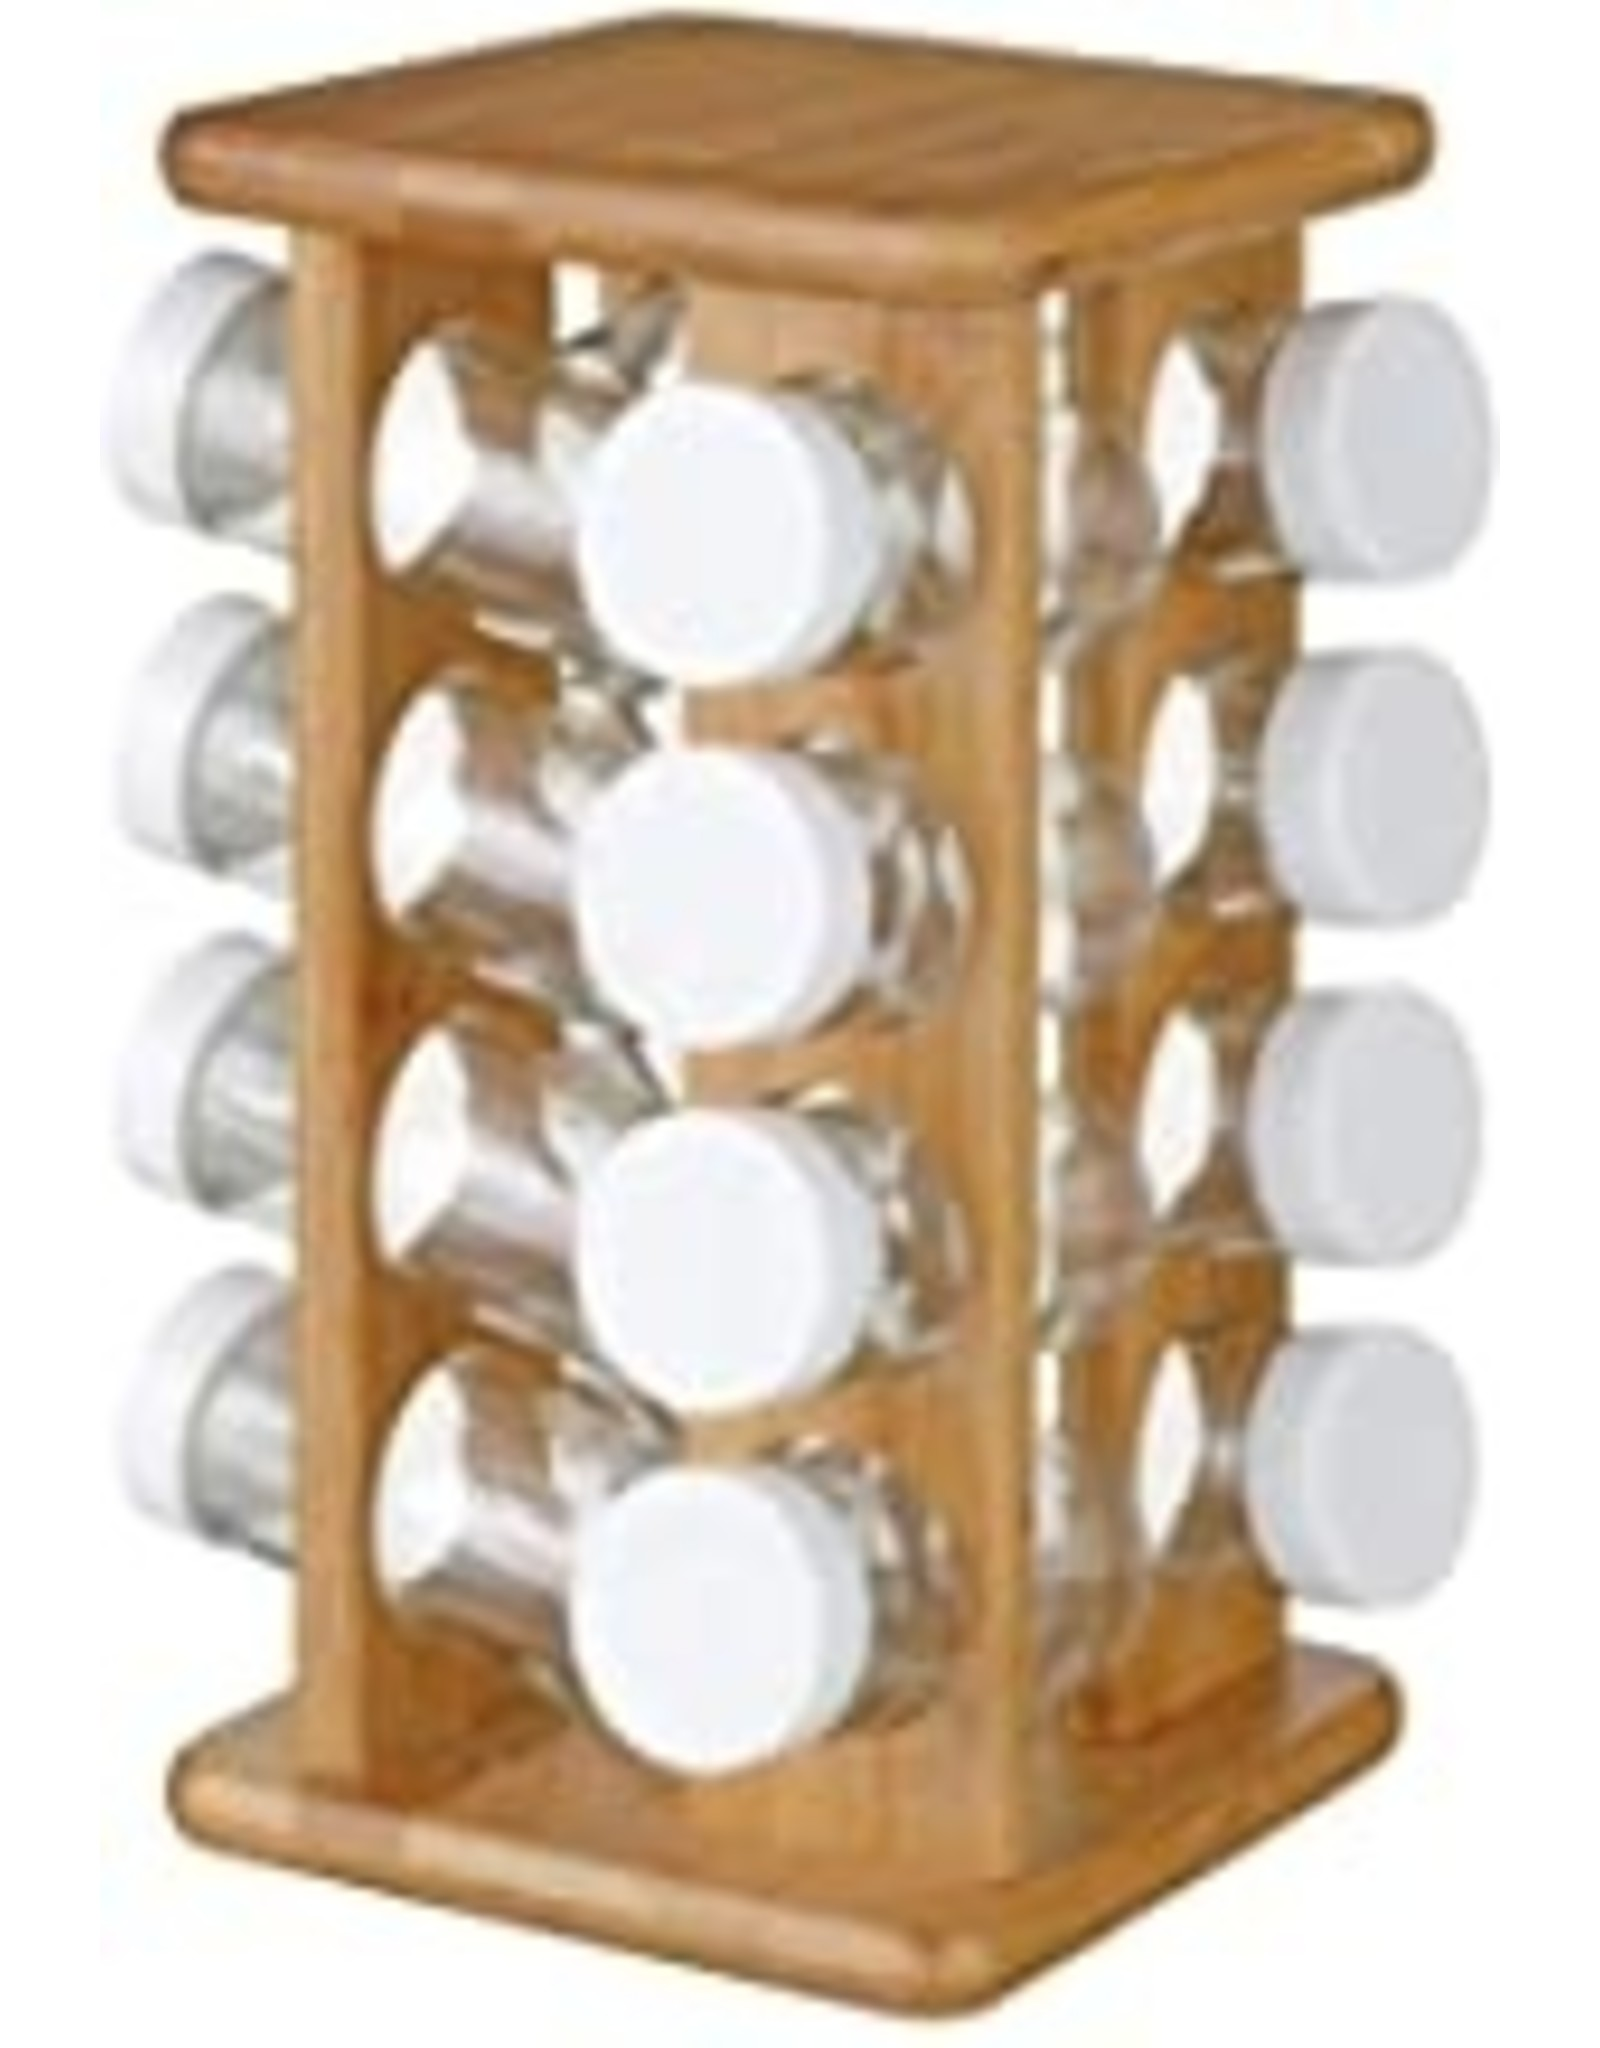 Kruidenrek van bamboe - 16 glazen potjes + draaibare houder